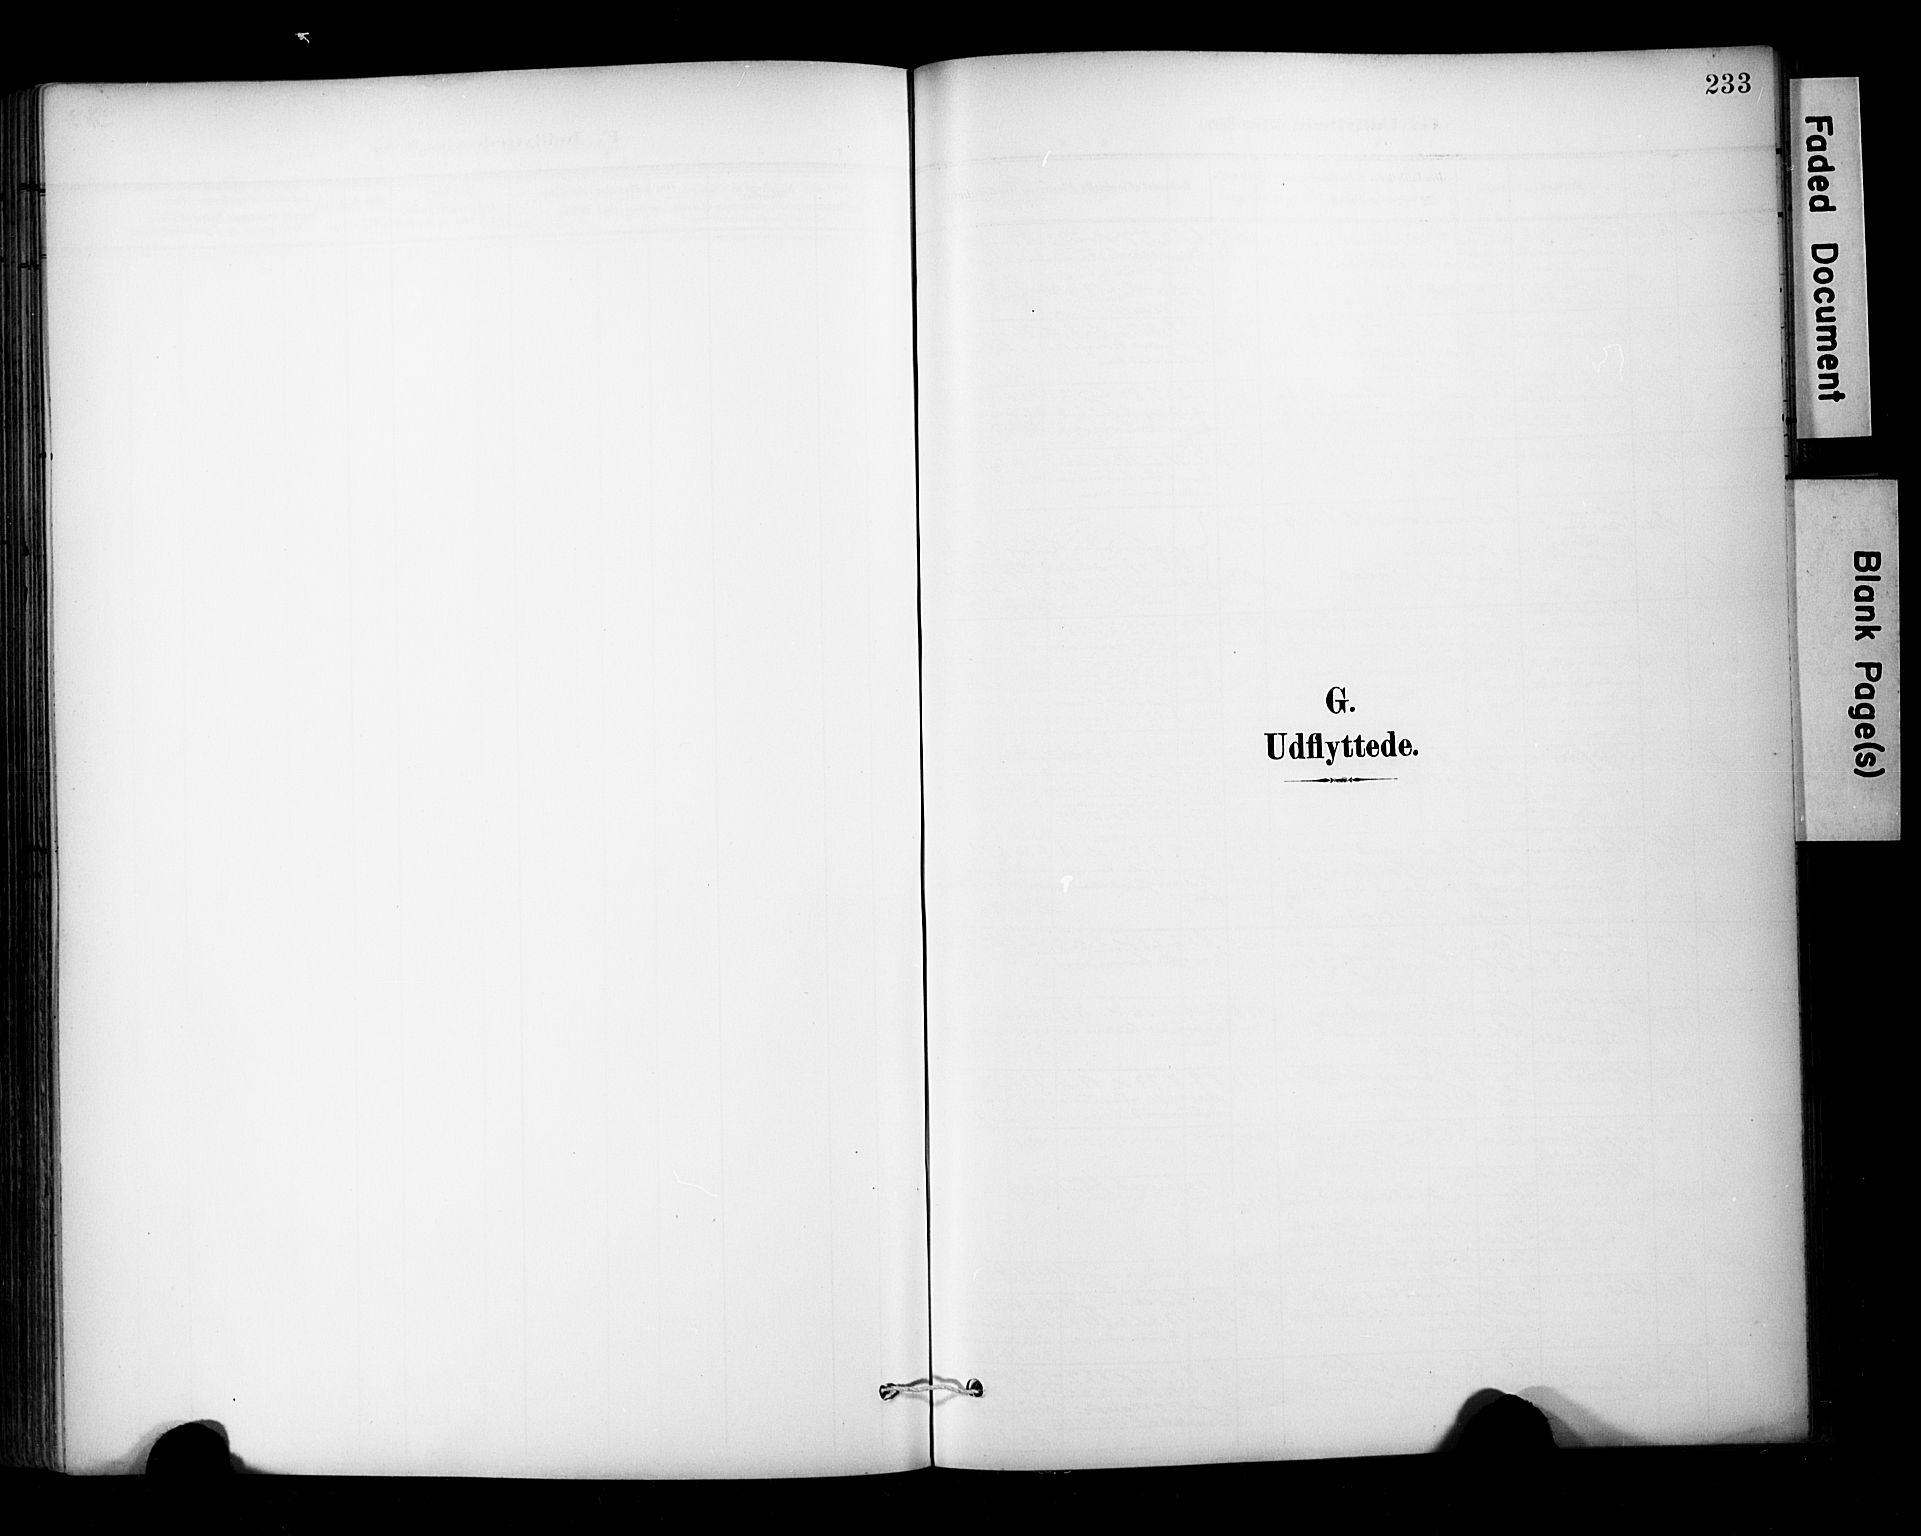 SAT, Ministerialprotokoller, klokkerbøker og fødselsregistre - Sør-Trøndelag, 681/L0936: Ministerialbok nr. 681A14, 1899-1908, s. 233